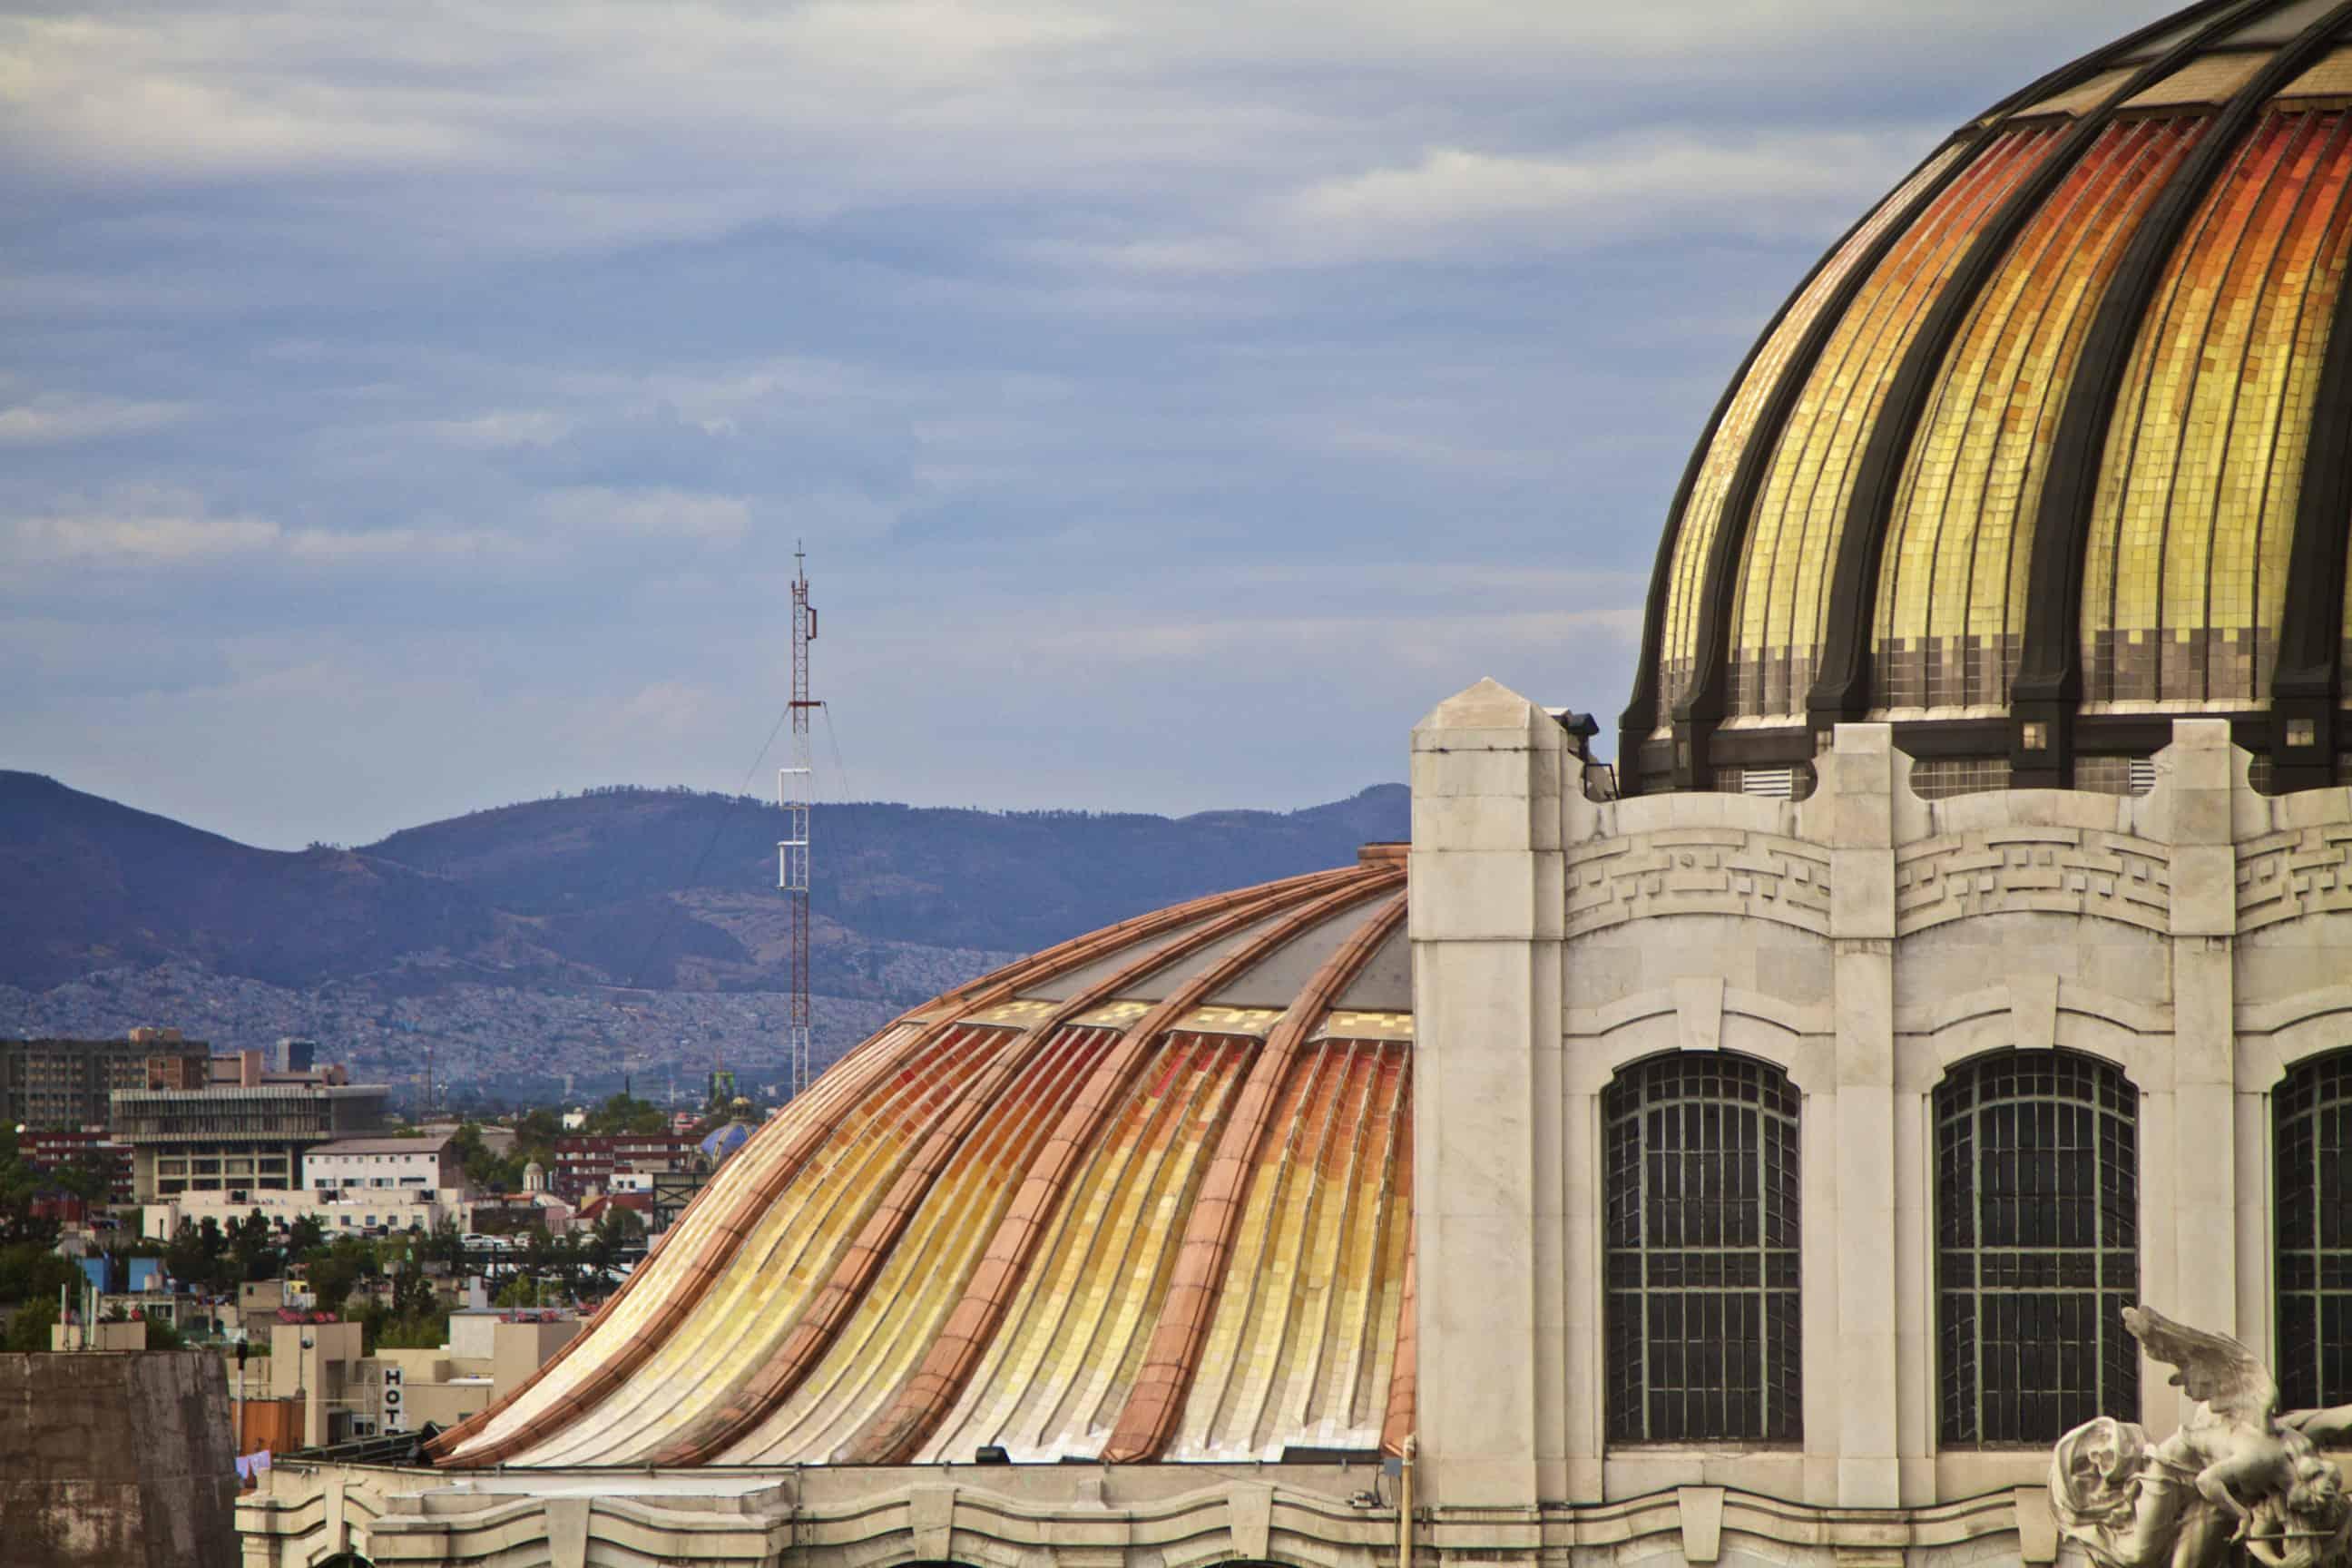 Mexico City_Palacio de Bellas Artes